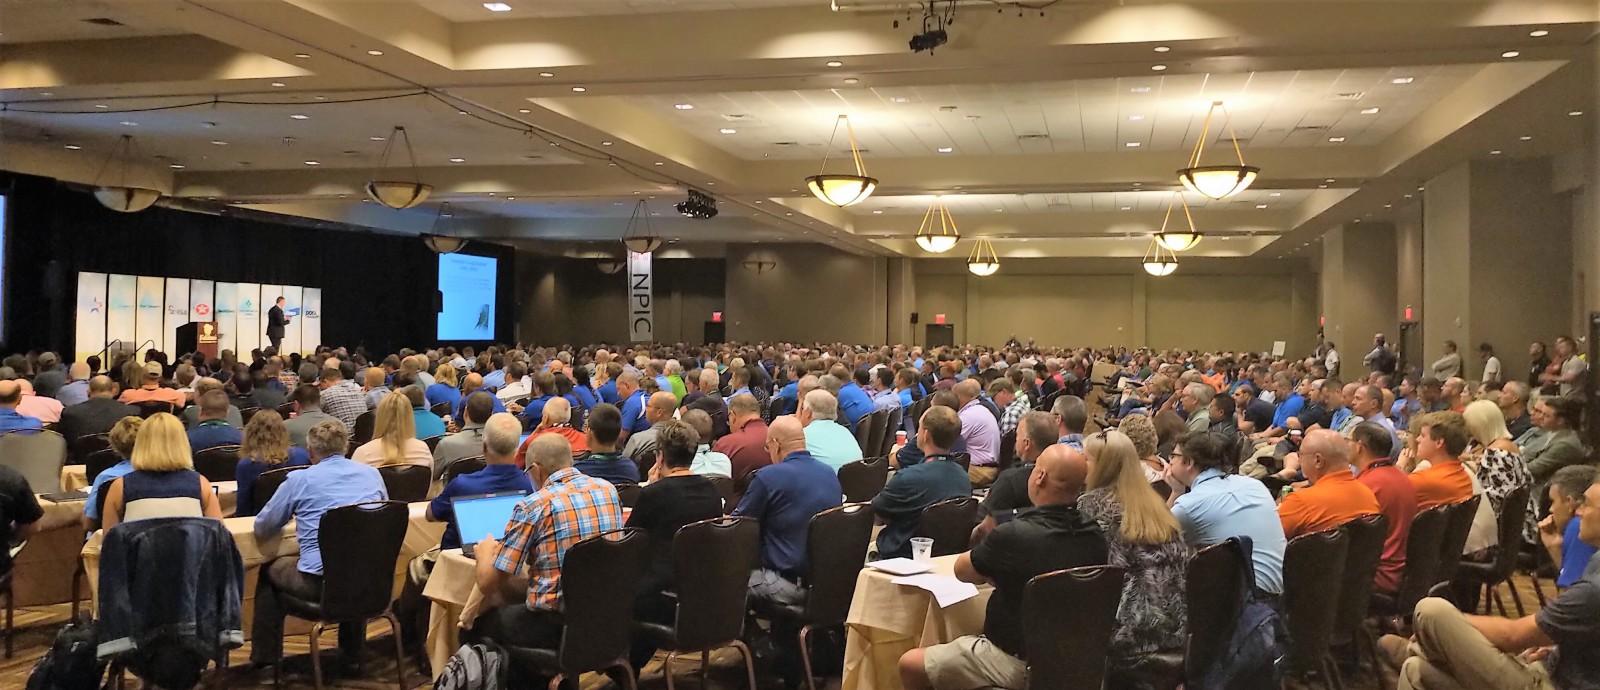 NPIC 2019, Wisconsin Dells, USA